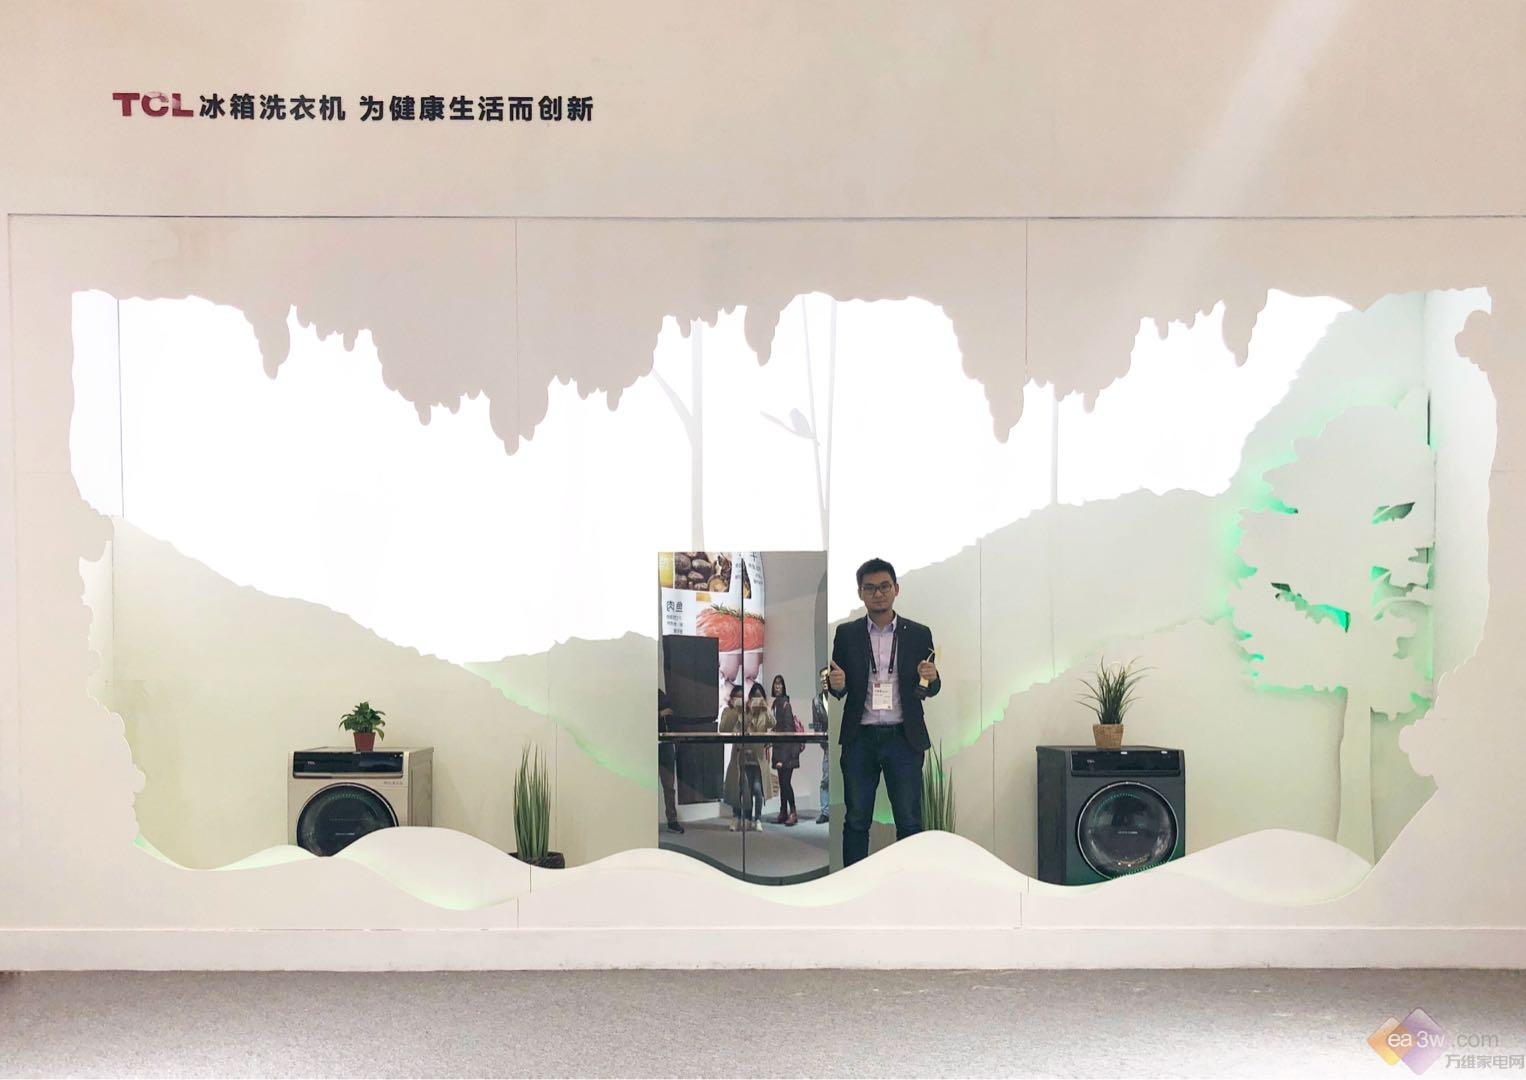 TCL冰箱斩获AWE艾普兰金口碑奖 实力演绎大国品牌